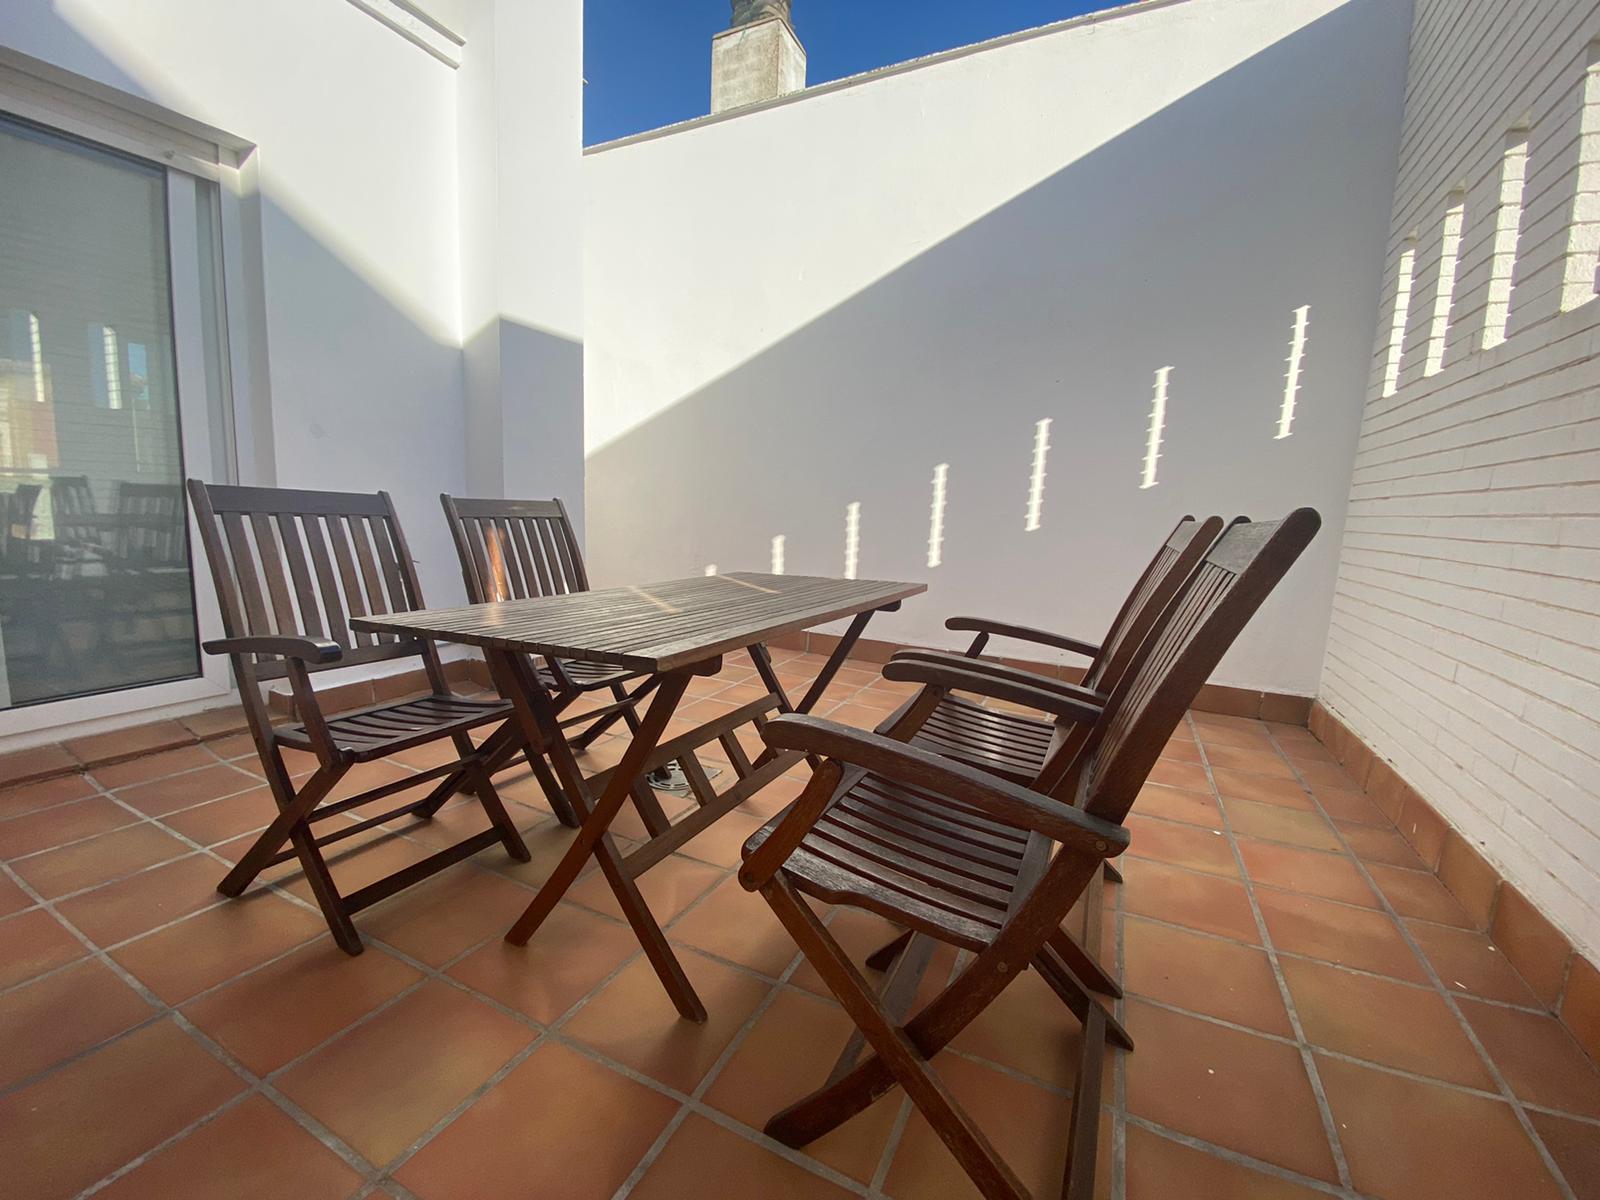 Imagen 30 del Apartamento Turístico, Ático 6 Levante (3d+2b), Punta del Moral (HUELVA), Paseo de la Cruz nº22